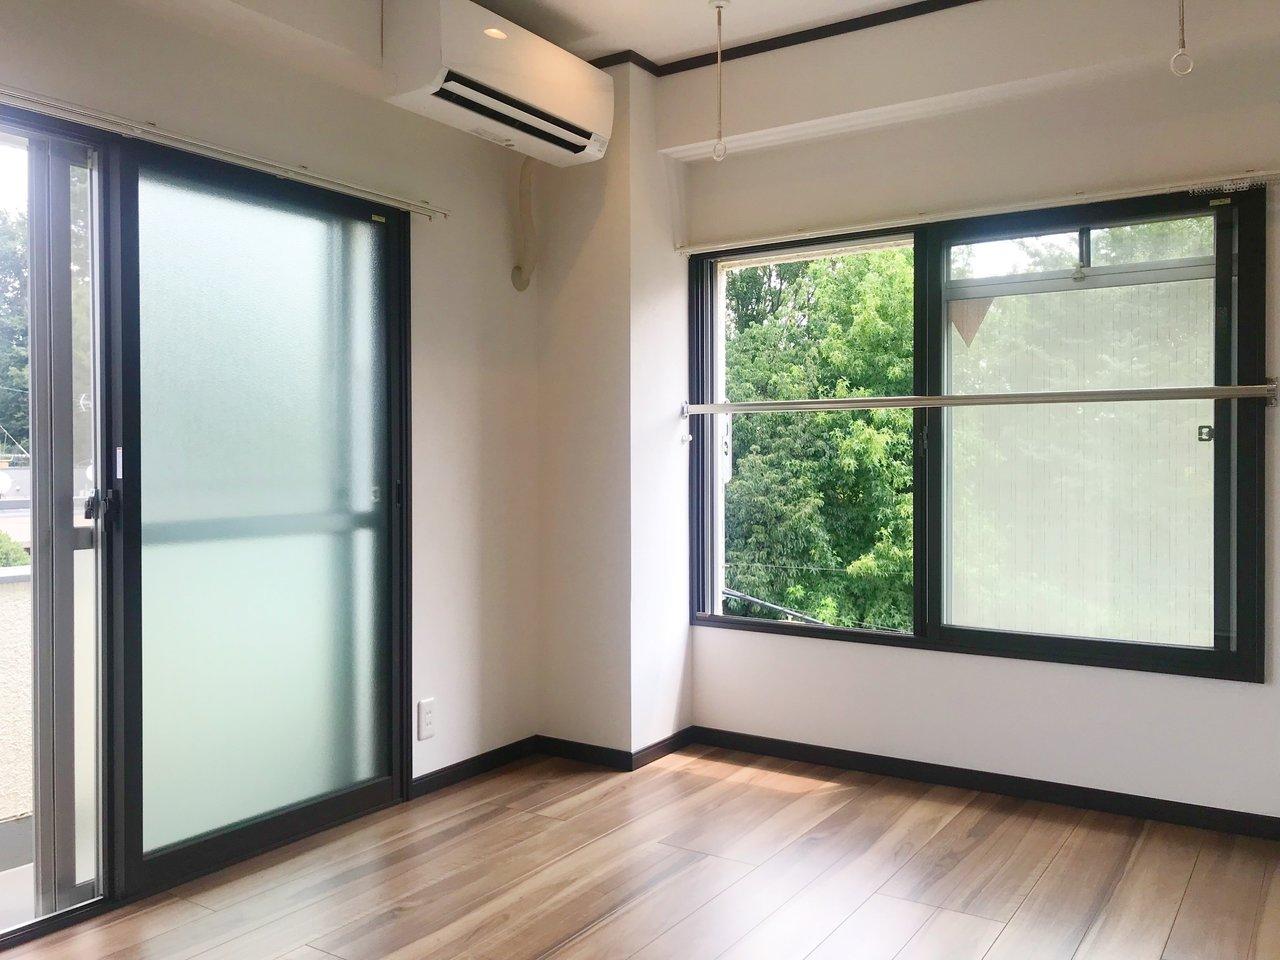 お次はこちら。二面どちらも大きな窓なので、広さが6畳と、少しコンパクトながら、開放的な印象が持てます。